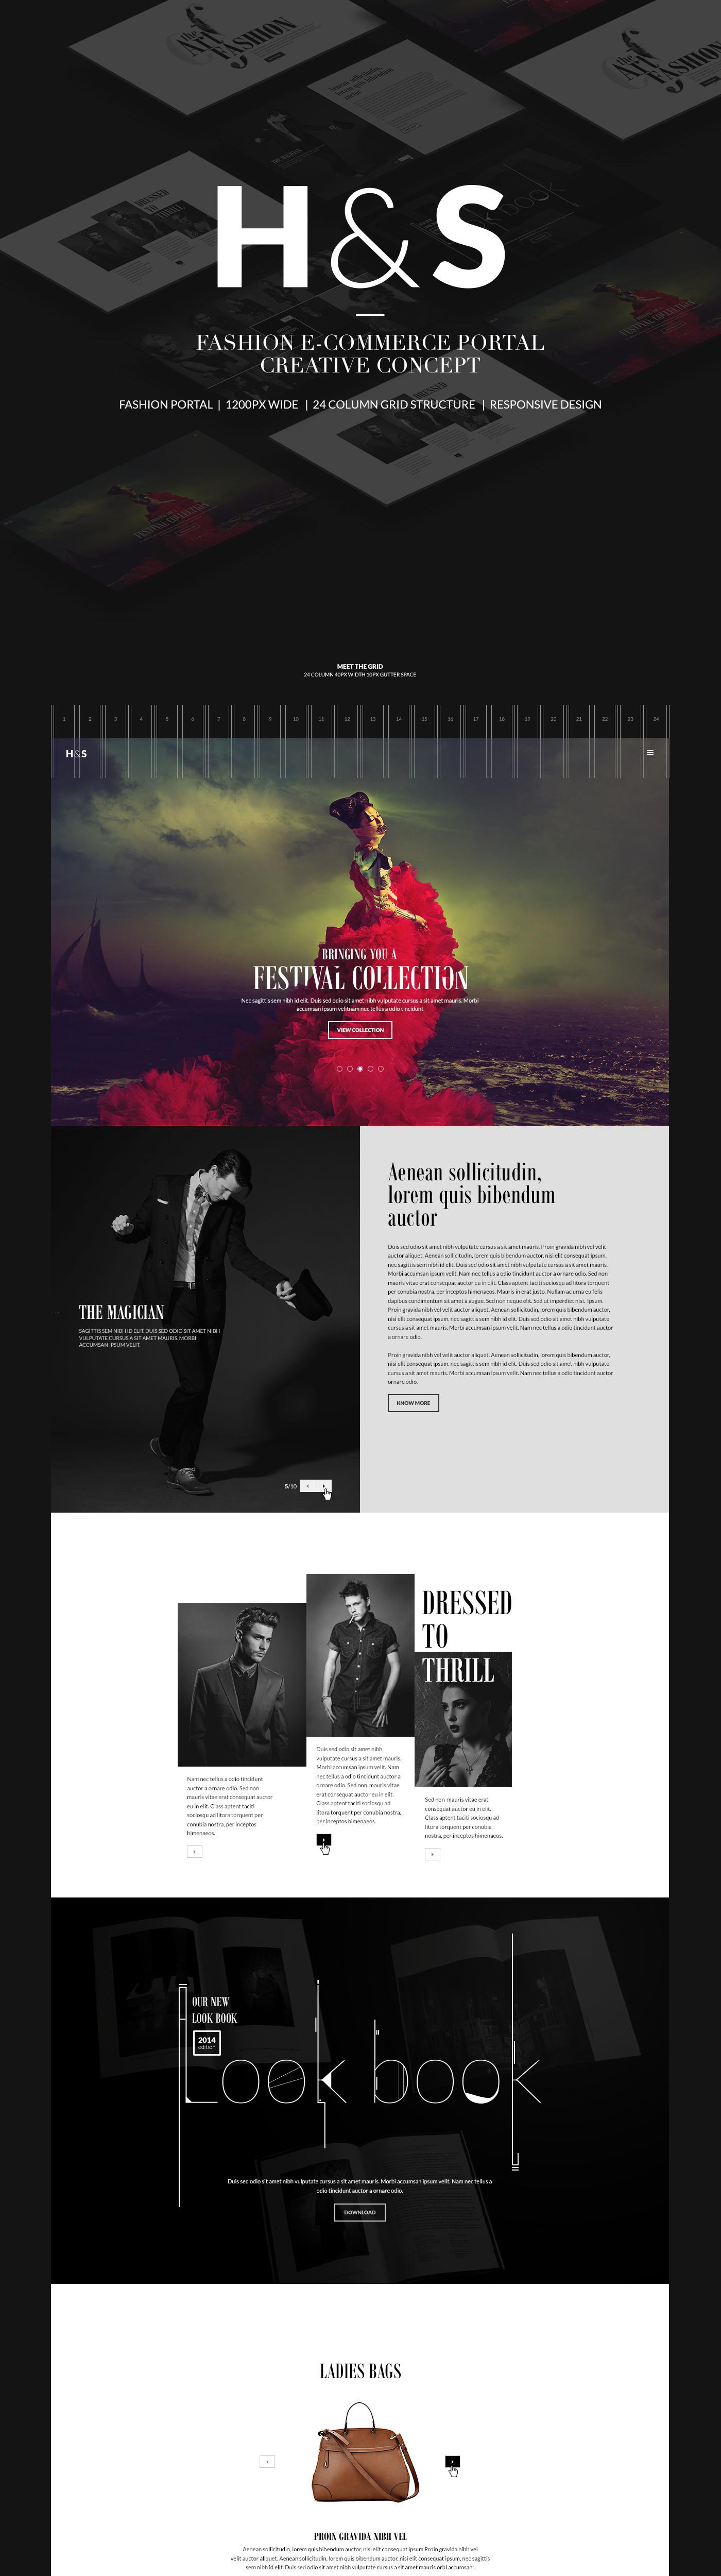 design responsive website free psd psd free ui design ui design Website web interface India Delhi art UI designer